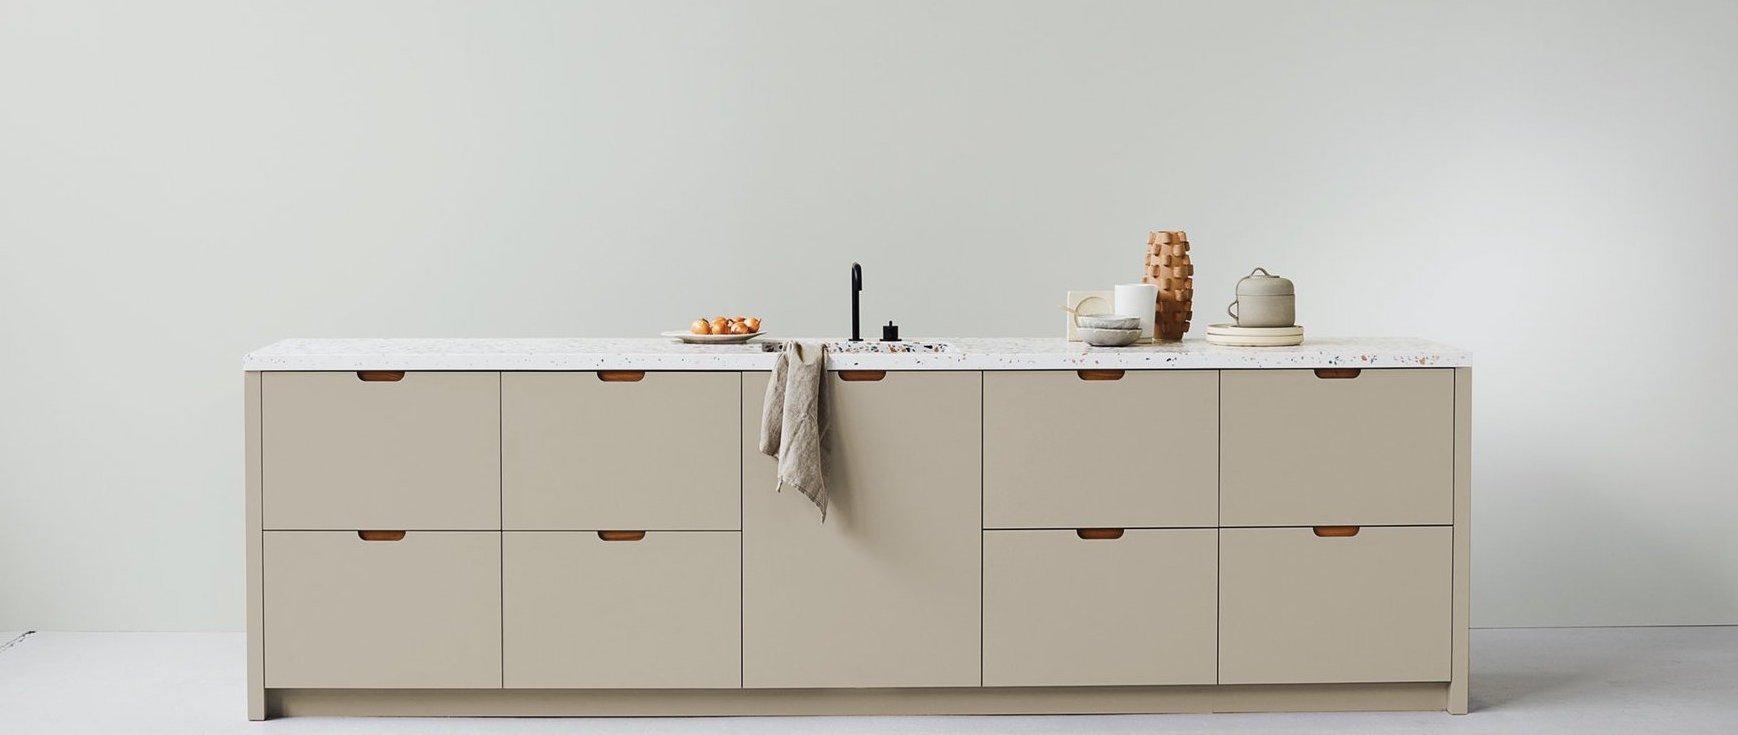 Full Size of Miele Komplettküche Unsere Komplettkche Mit Elektrogerten Kkken We Are Studio Küche Wohnzimmer Miele Komplettküche